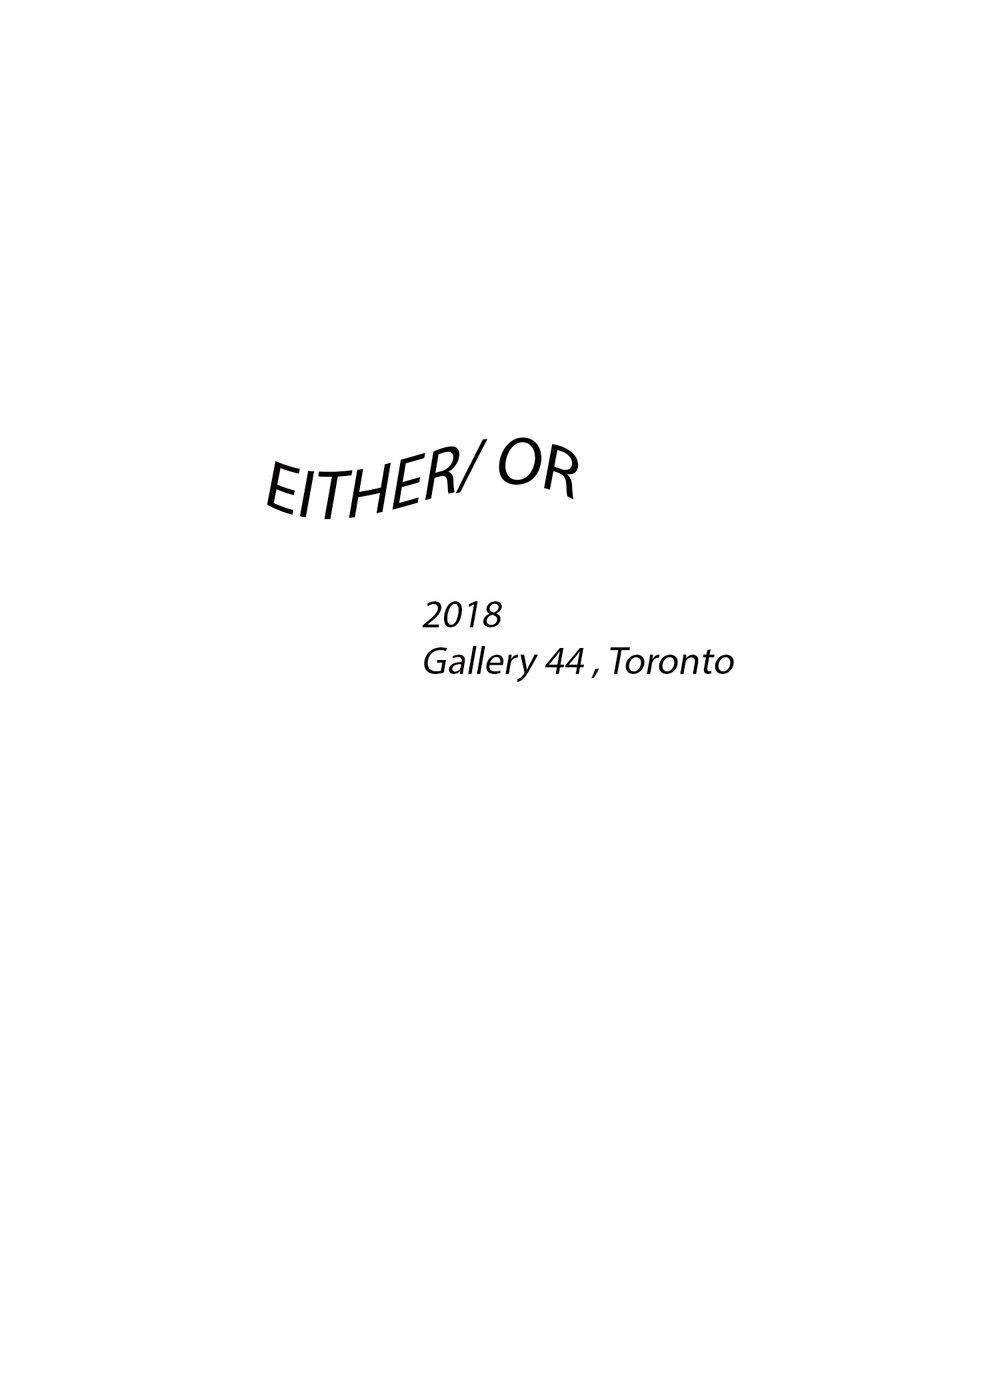 EITHEROR.jpg